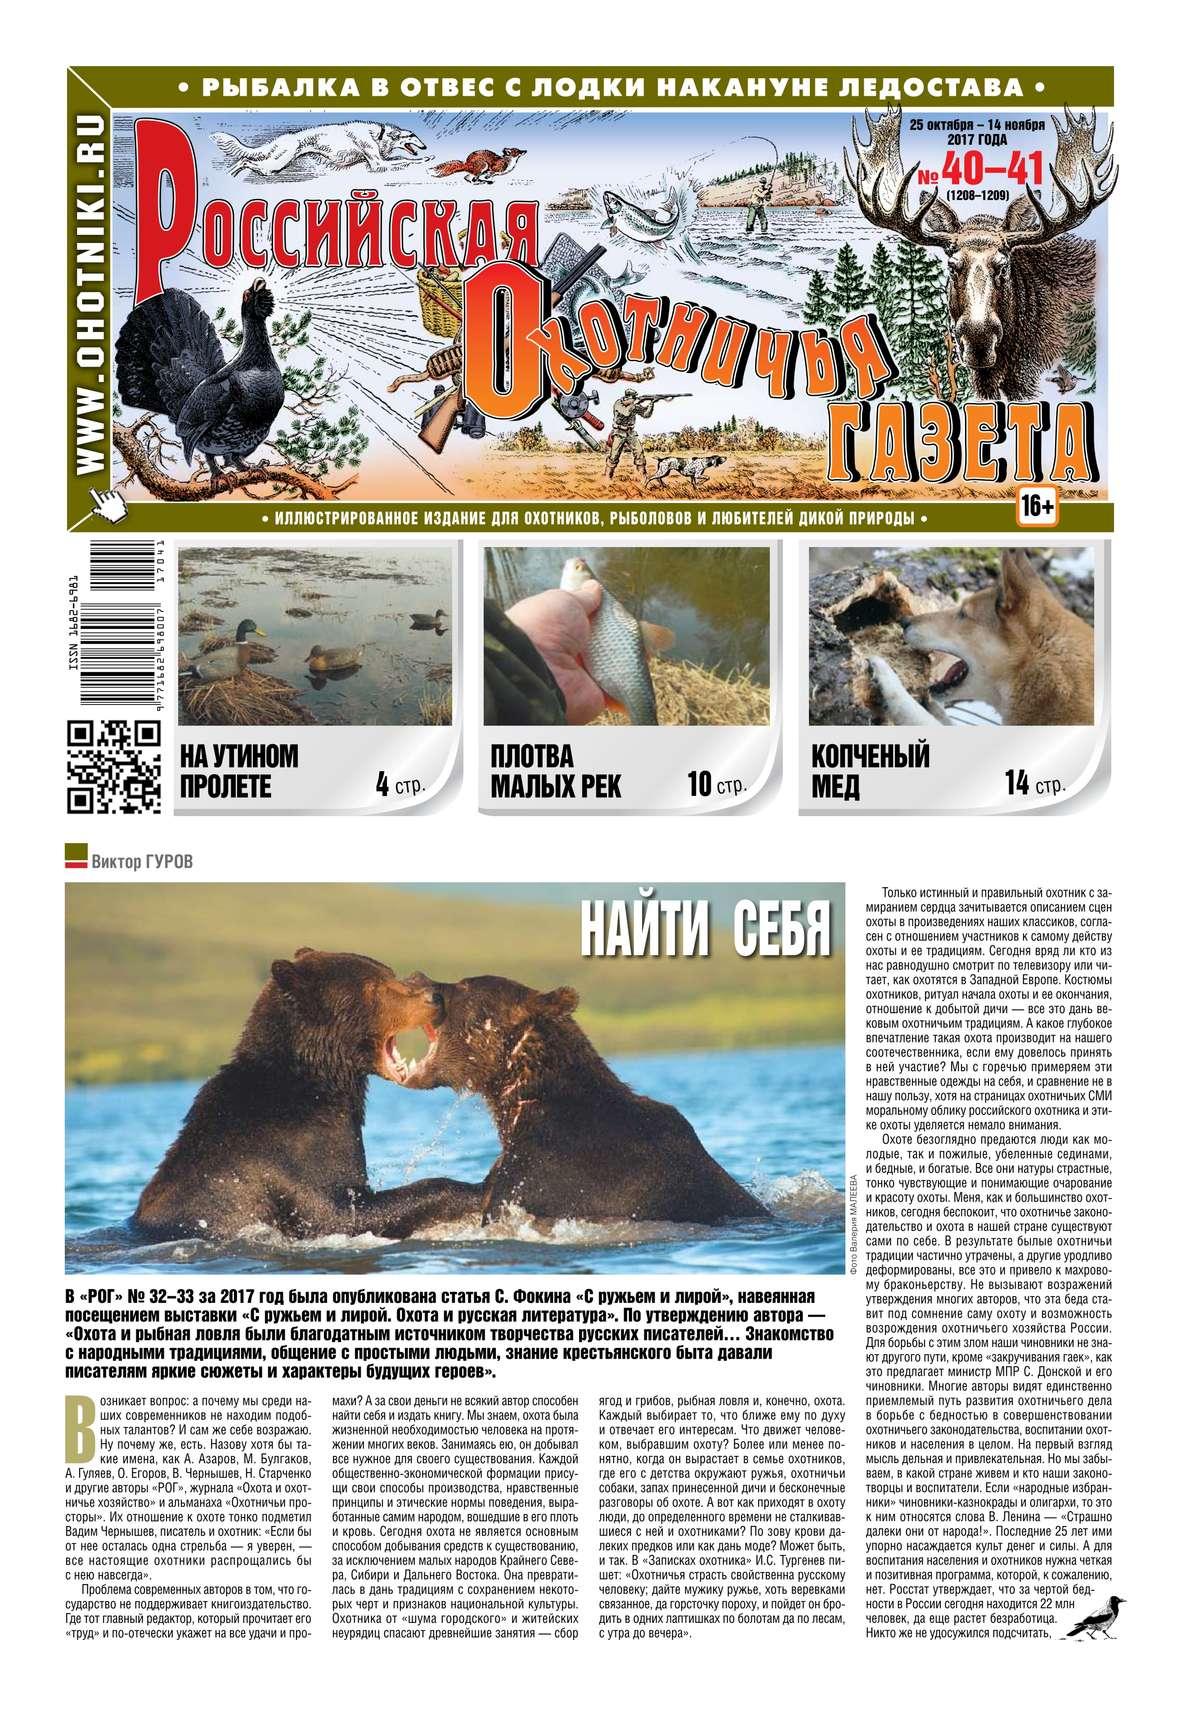 Редакция газеты Российская Охотничья Газета Российская Охотничья Газета 40-41-2017 цены